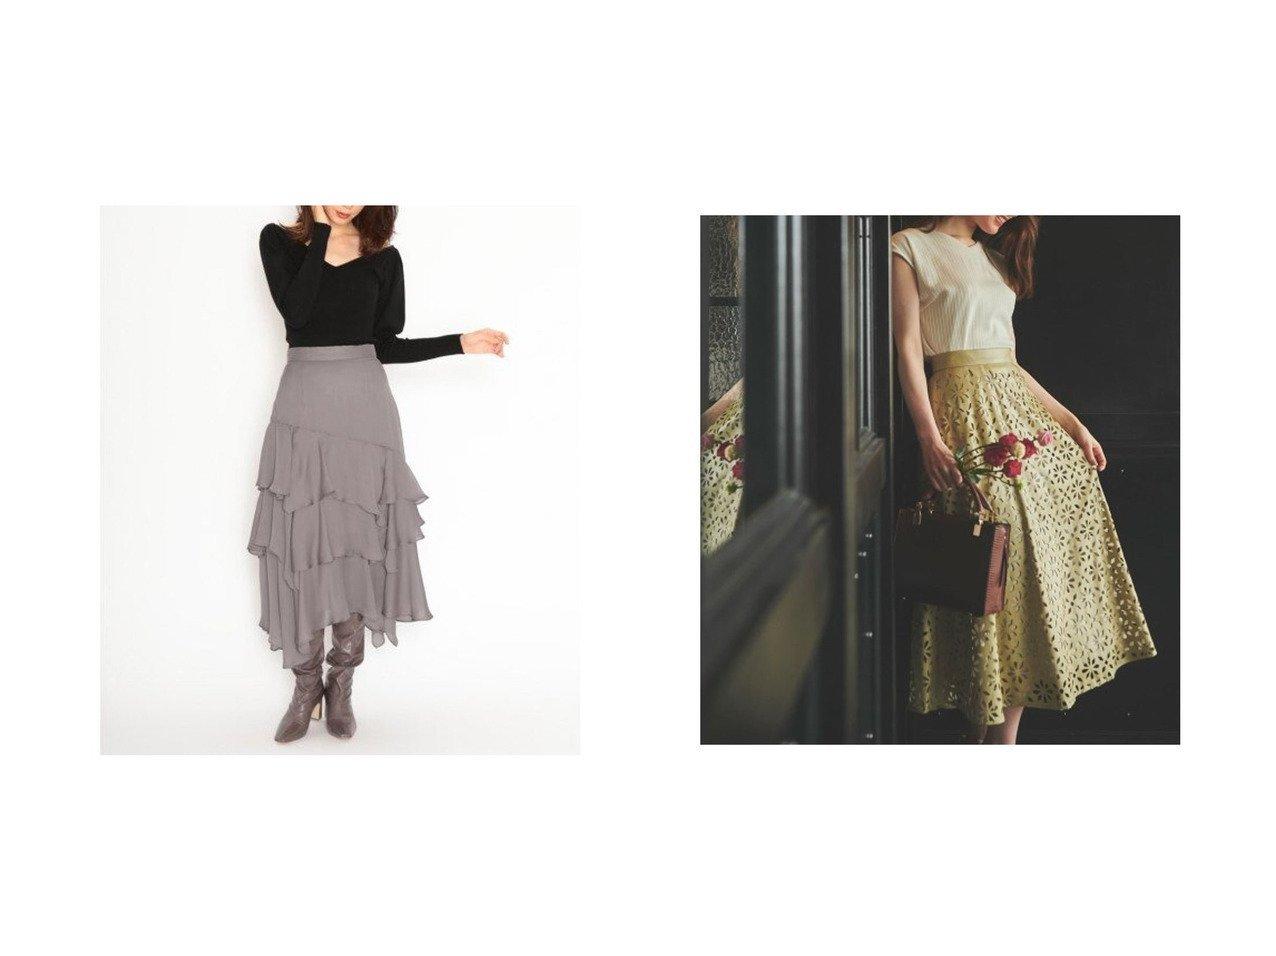 【Noela/ノエラ】のパンチングエコレザースカート&【SNIDEL/スナイデル】のボリュームフレアスカート スカートのおすすめ!人気、レディースファッションの通販  おすすめで人気のファッション通販商品 インテリア・家具・キッズファッション・メンズファッション・レディースファッション・服の通販 founy(ファニー) https://founy.com/ ファッション Fashion レディース WOMEN スカート Skirt Aライン/フレアスカート Flared A-Line Skirts エアリー スマート ドット 定番 人気 パープル フレア |ID:crp329100000004065